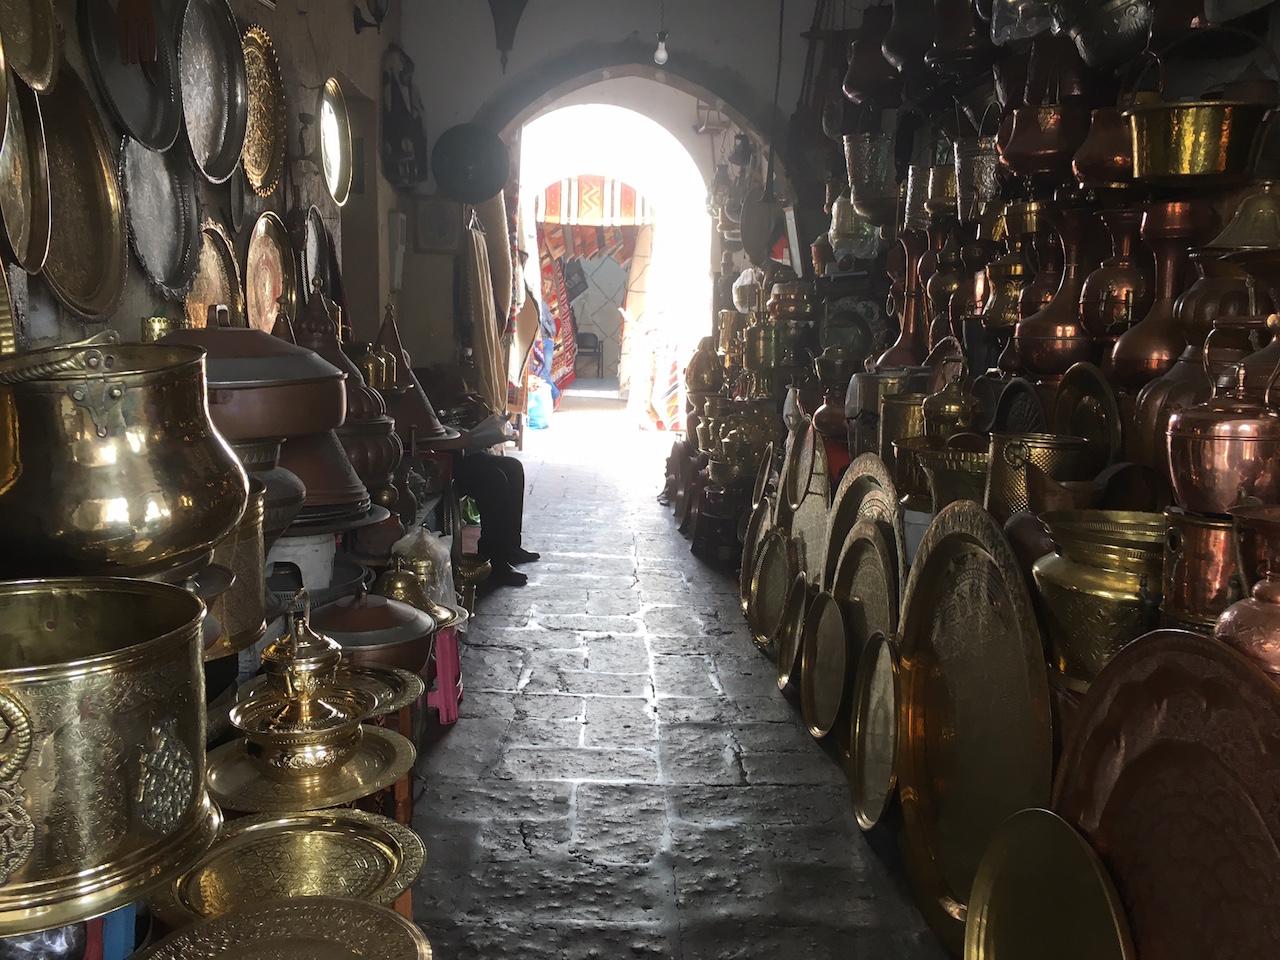 カサブランカの旧市街(メディナ)を歩く